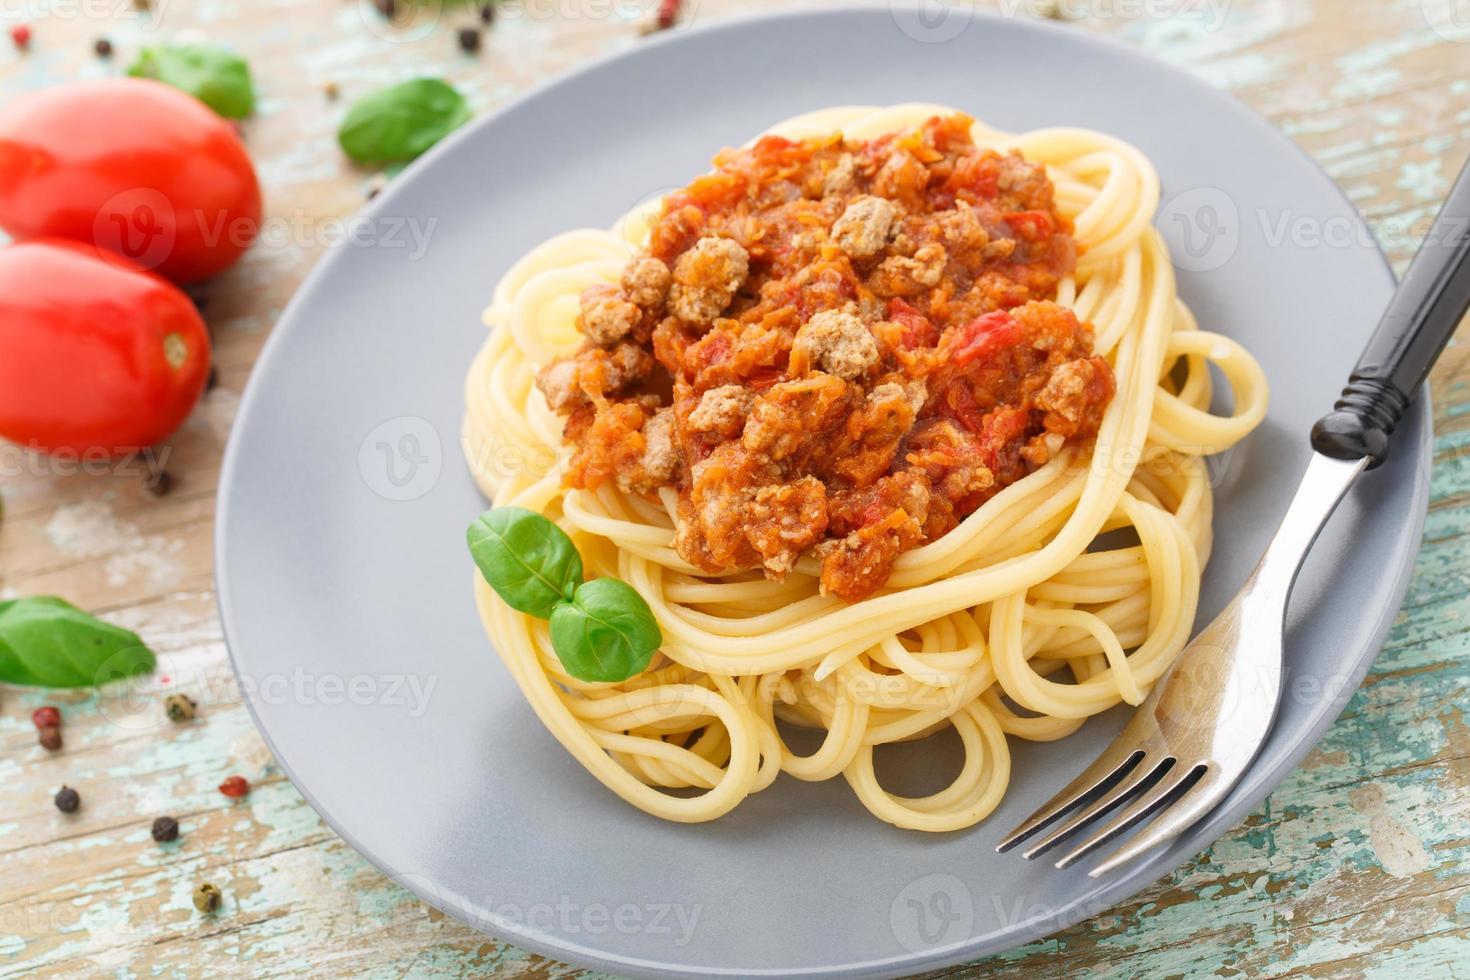 spaghetti bolognaise au basilic photo